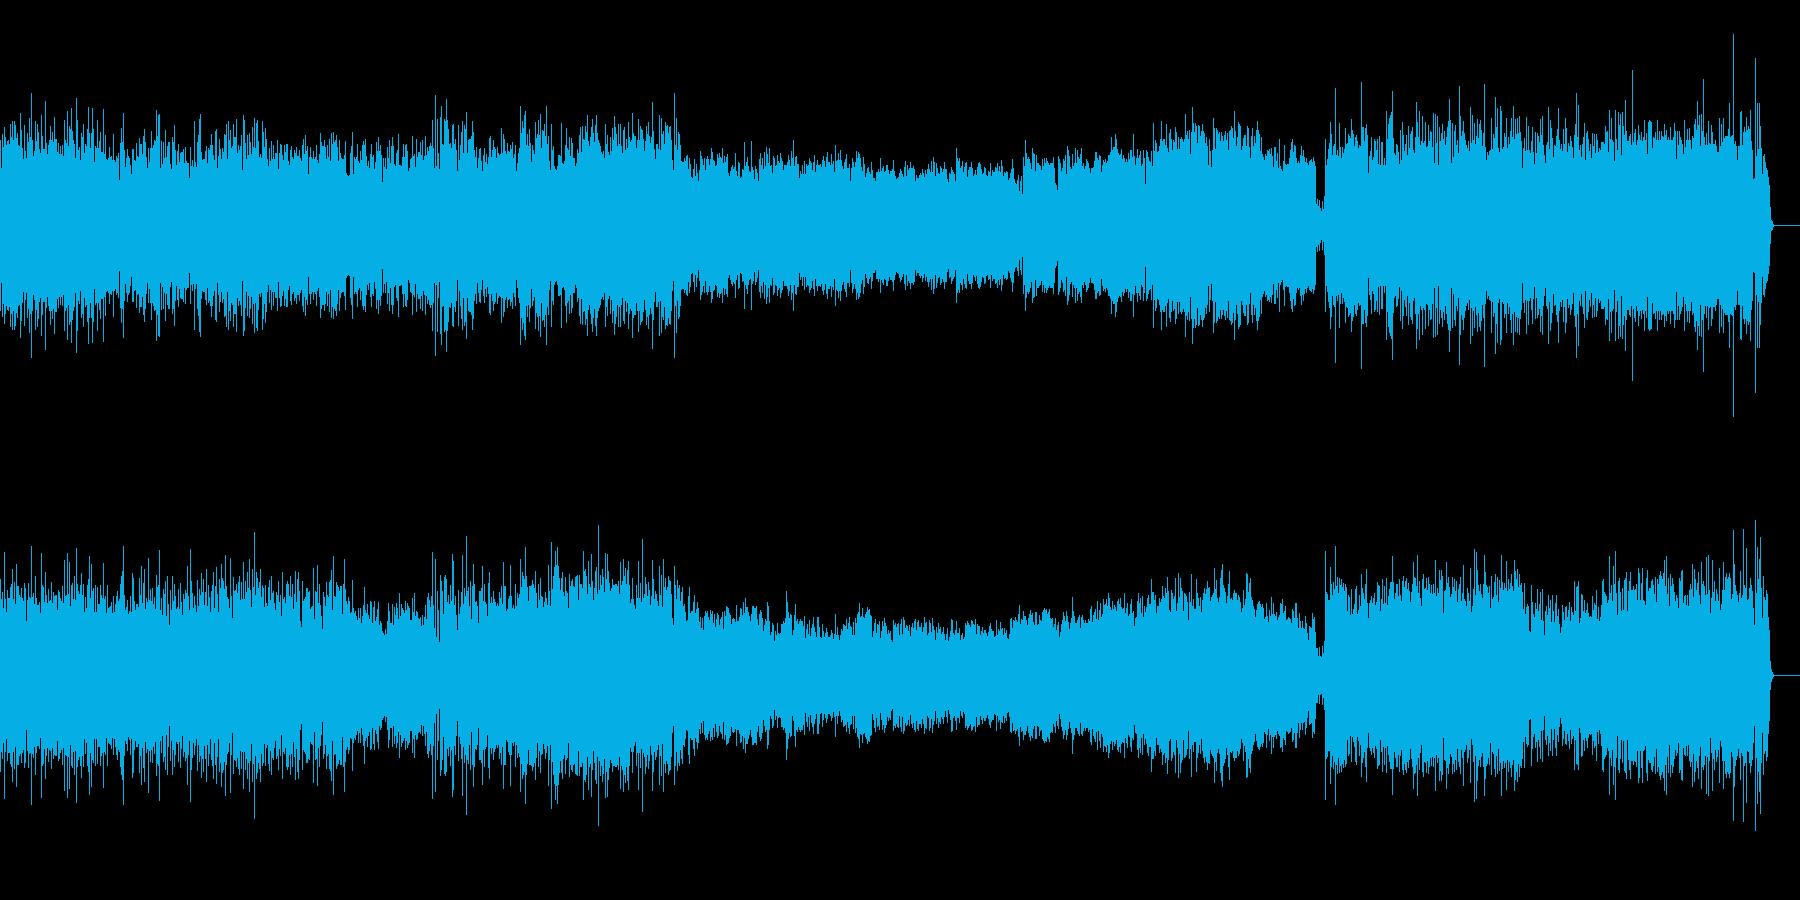 活発な吹奏楽のサウンドの再生済みの波形